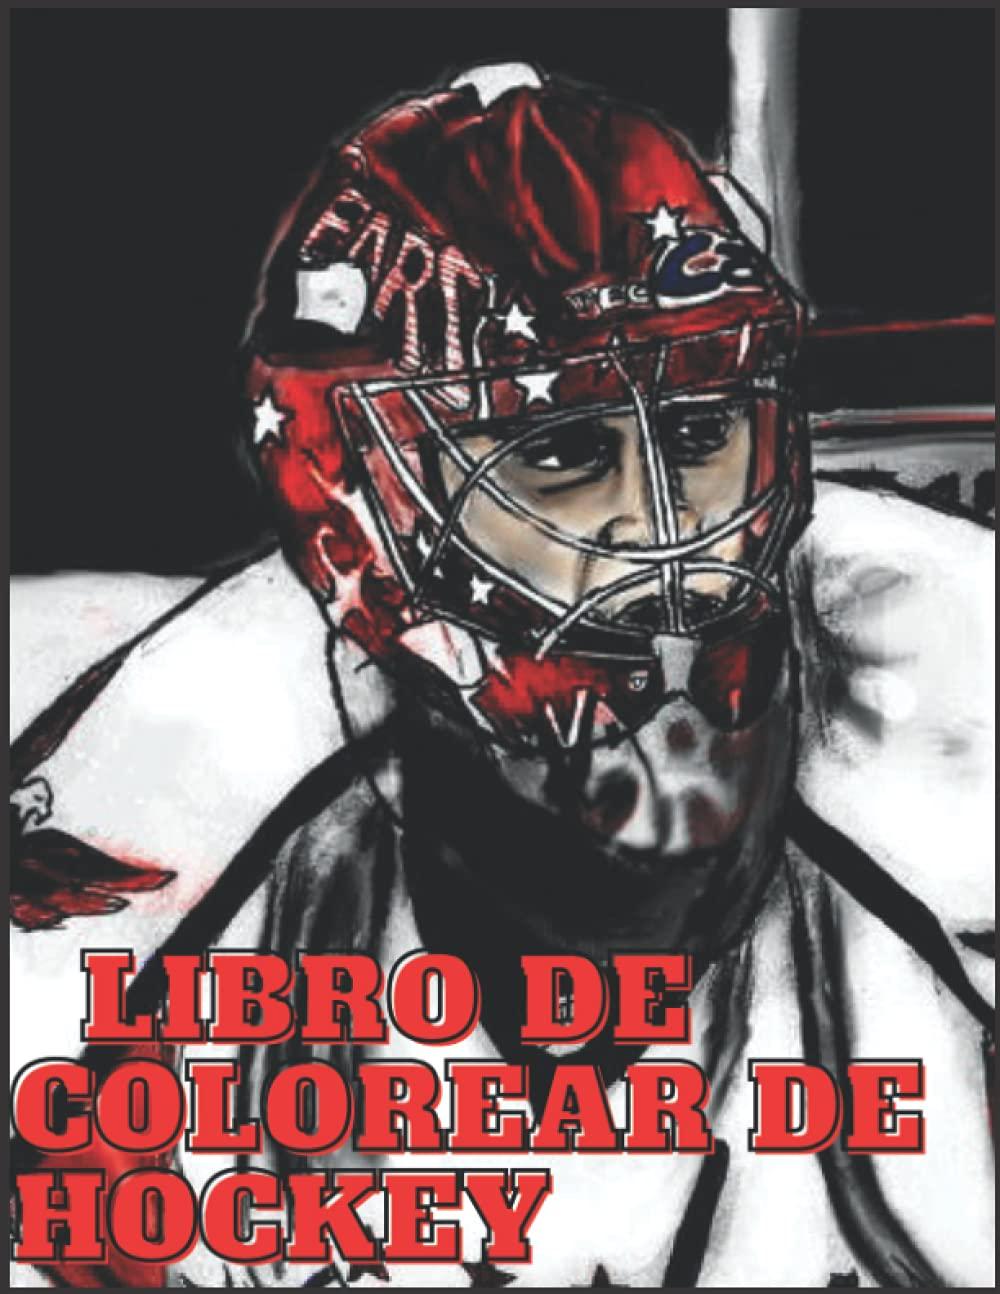 Libro De Colorear De Hockey: El libro de actividades y colorear de hockey más impresionante para adultos y niños, más de 80 diseños divertidos para ... para niños pequeños (Spanish Edition)